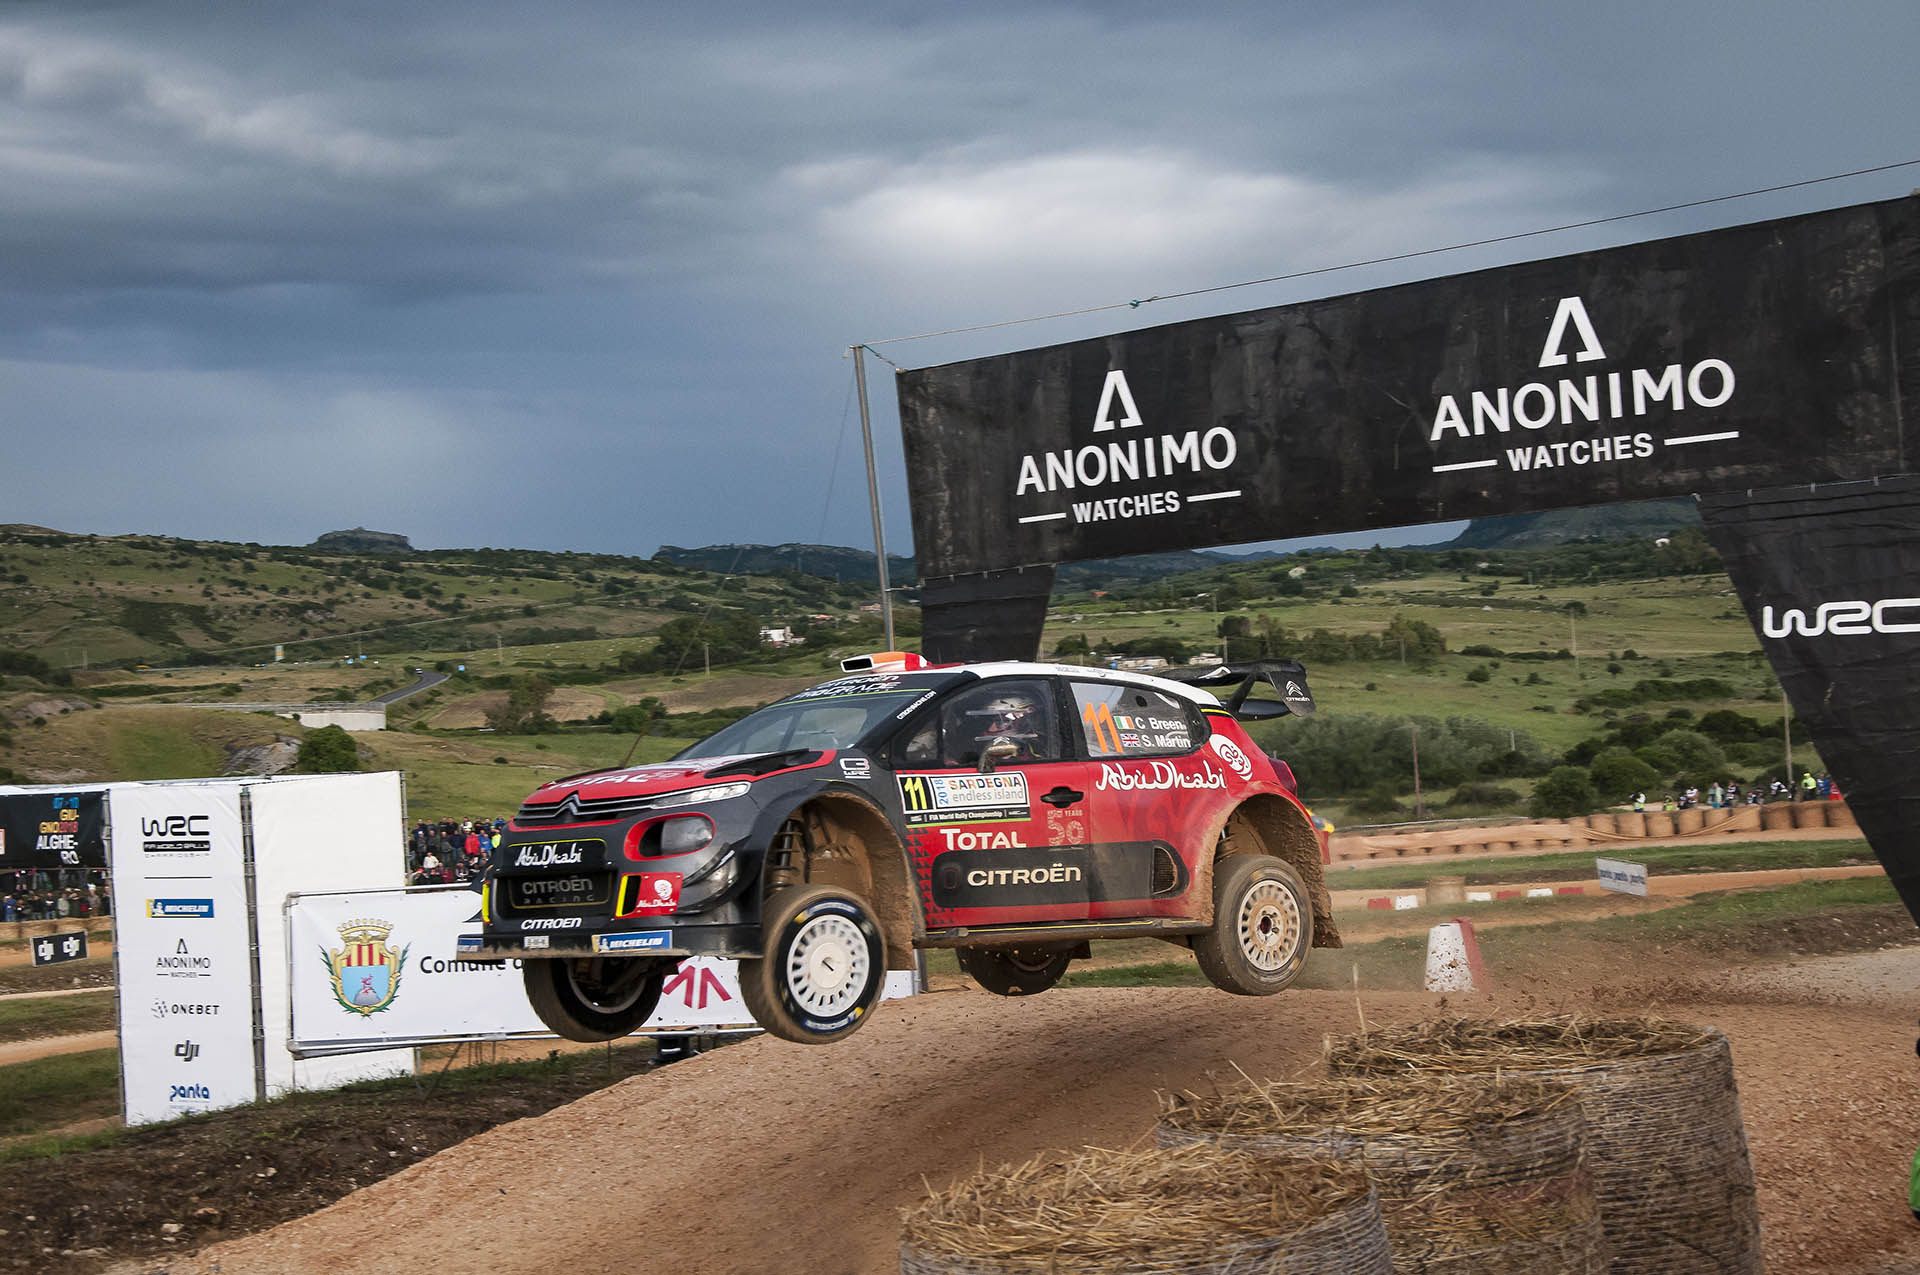 Anonimo offizieller Zeitnehmer der Rallye-Weltmeisterschaft WRC